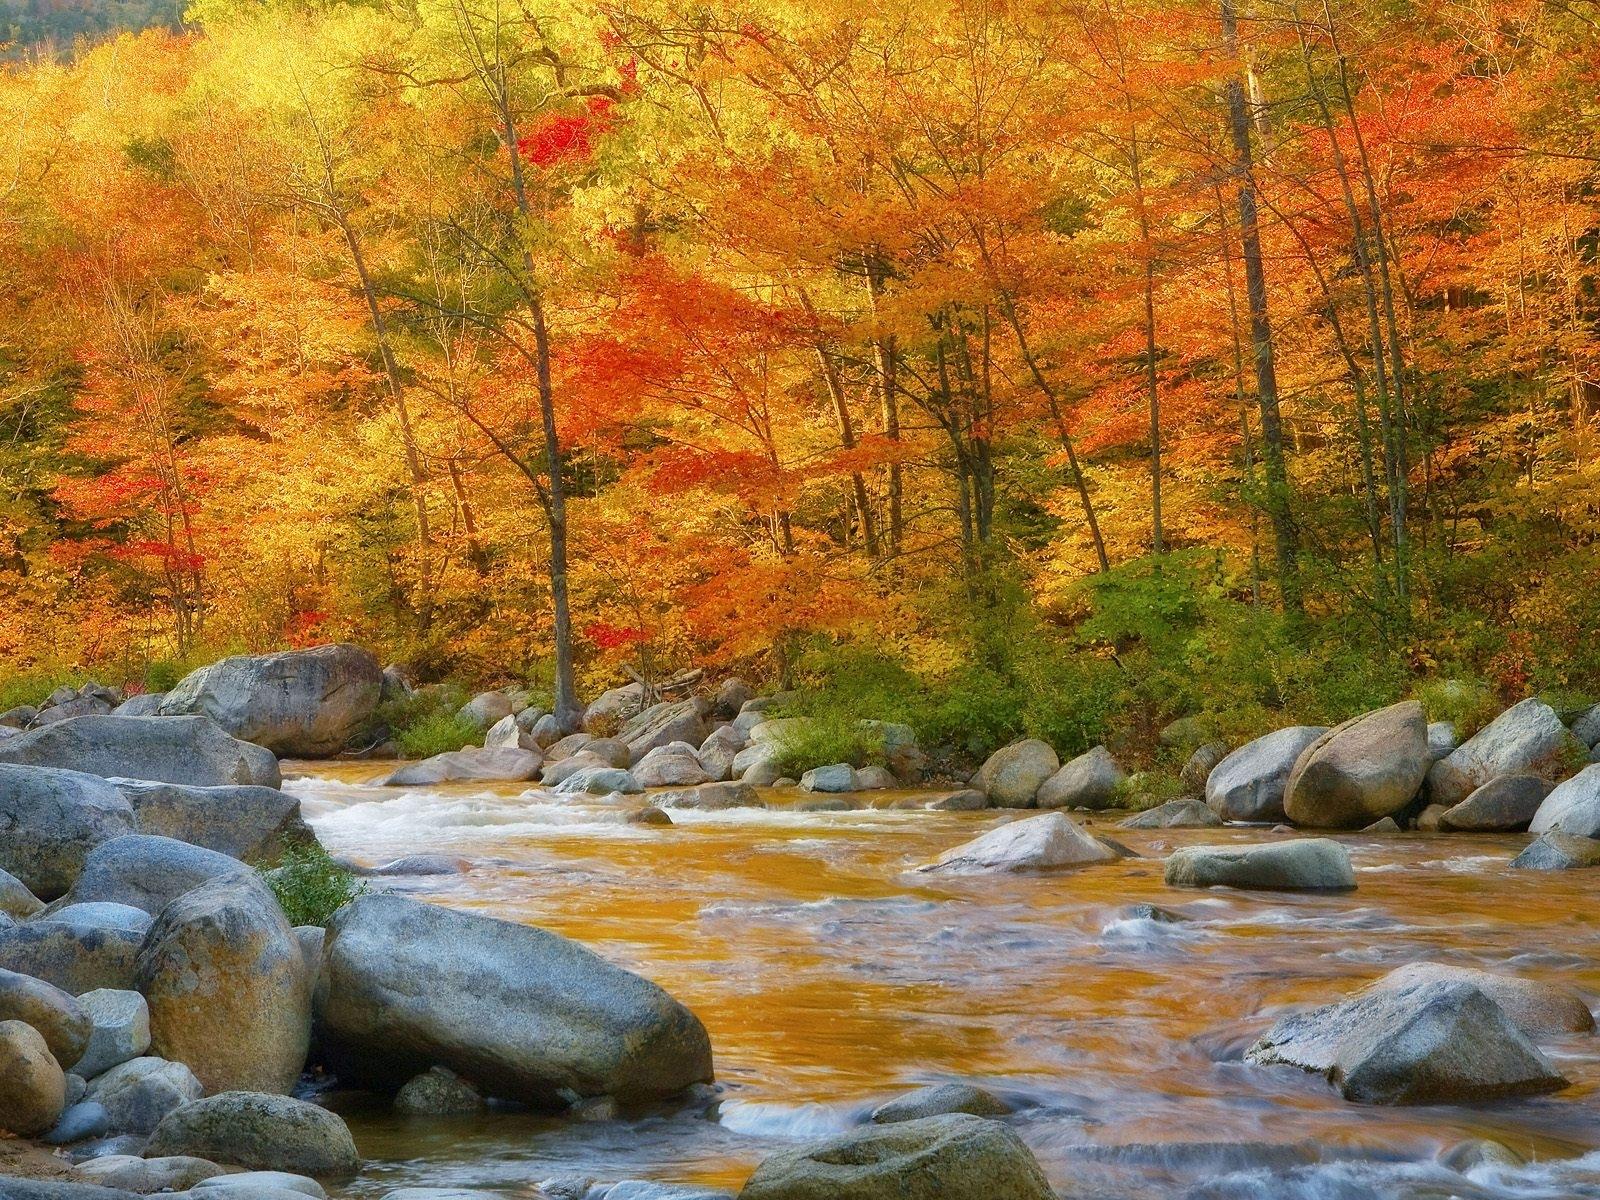 2458 скачать обои Пейзаж, Вода, Река, Деревья, Камни, Осень - заставки и картинки бесплатно